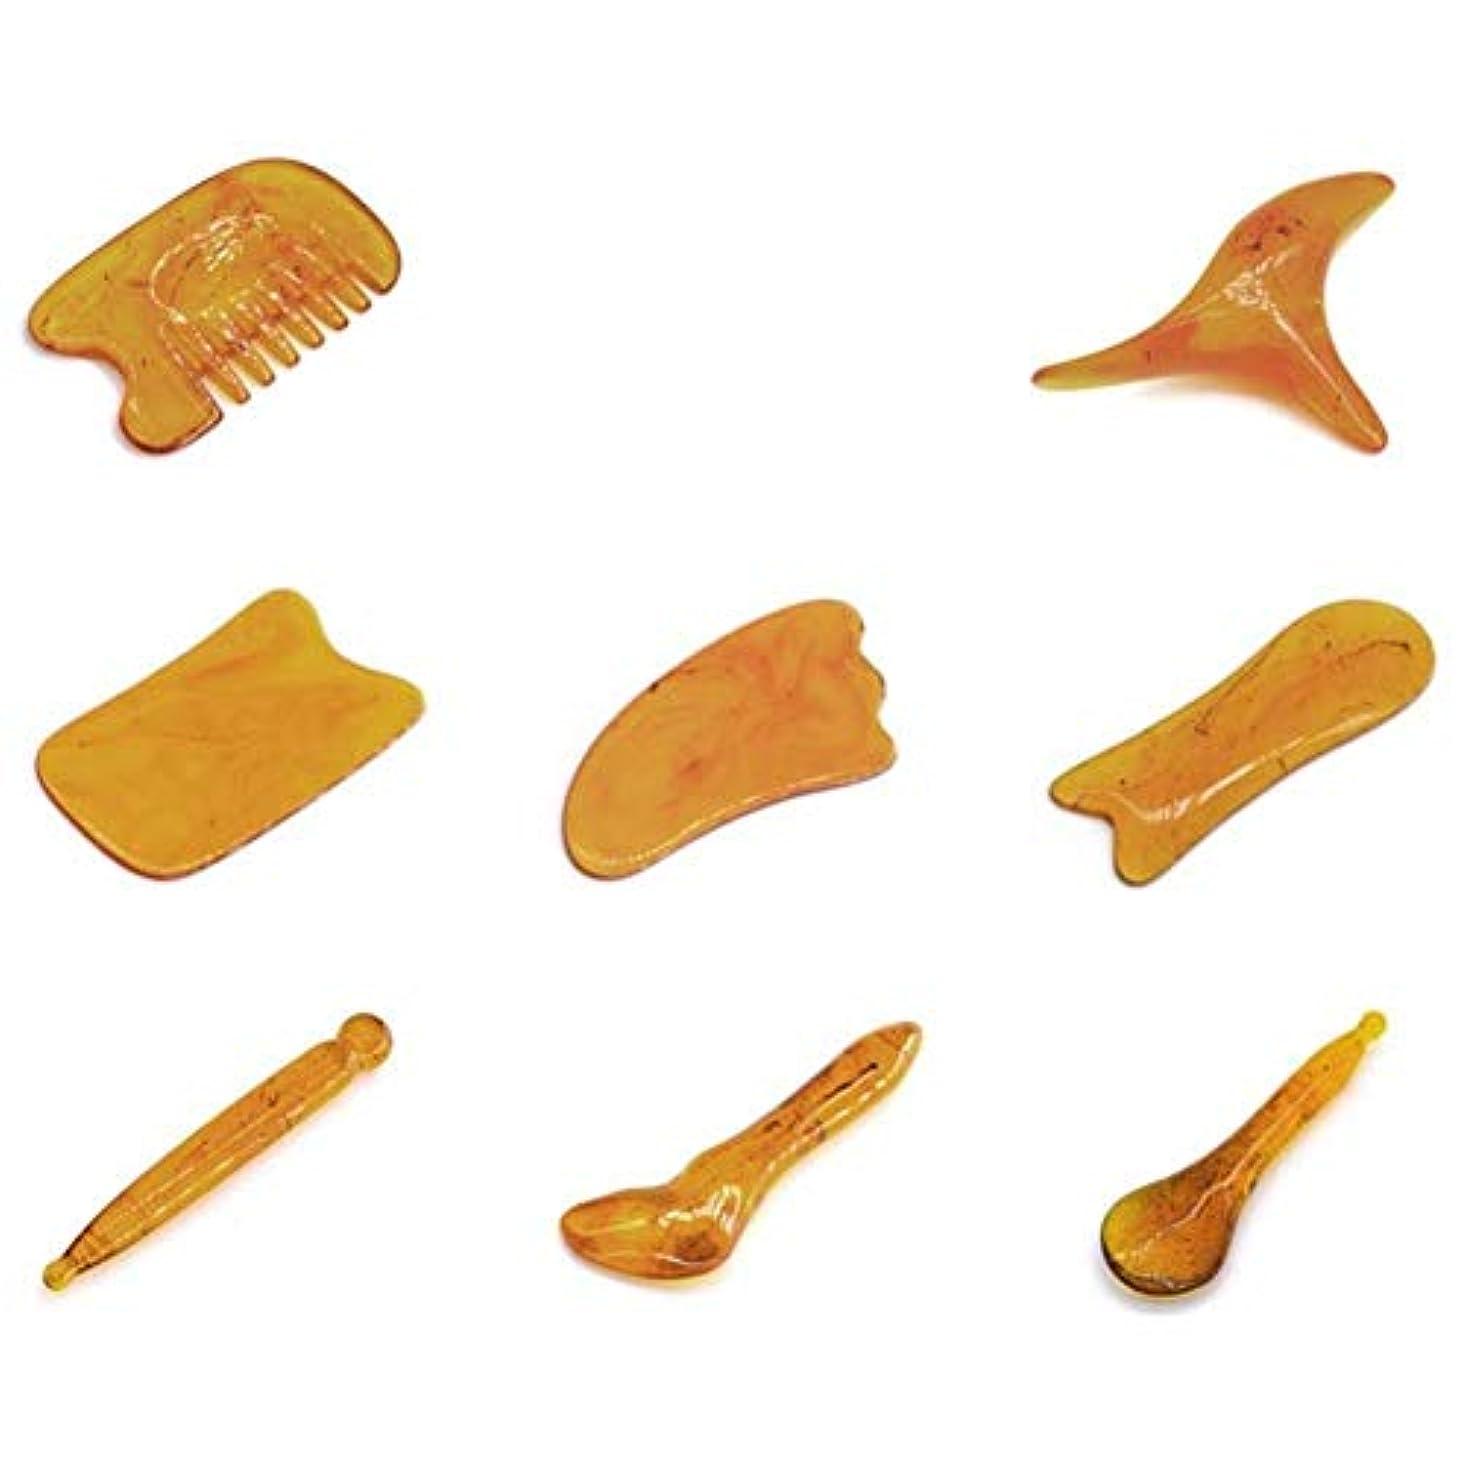 マルクス主義硬さシンジケートGua Shaのこするマッサージ用具のハンドメイドのヒスイGuasha板、用具SPAの刺鍼術療法の表面腕のフィートの小さい三角形の形の引き金のポイント処置